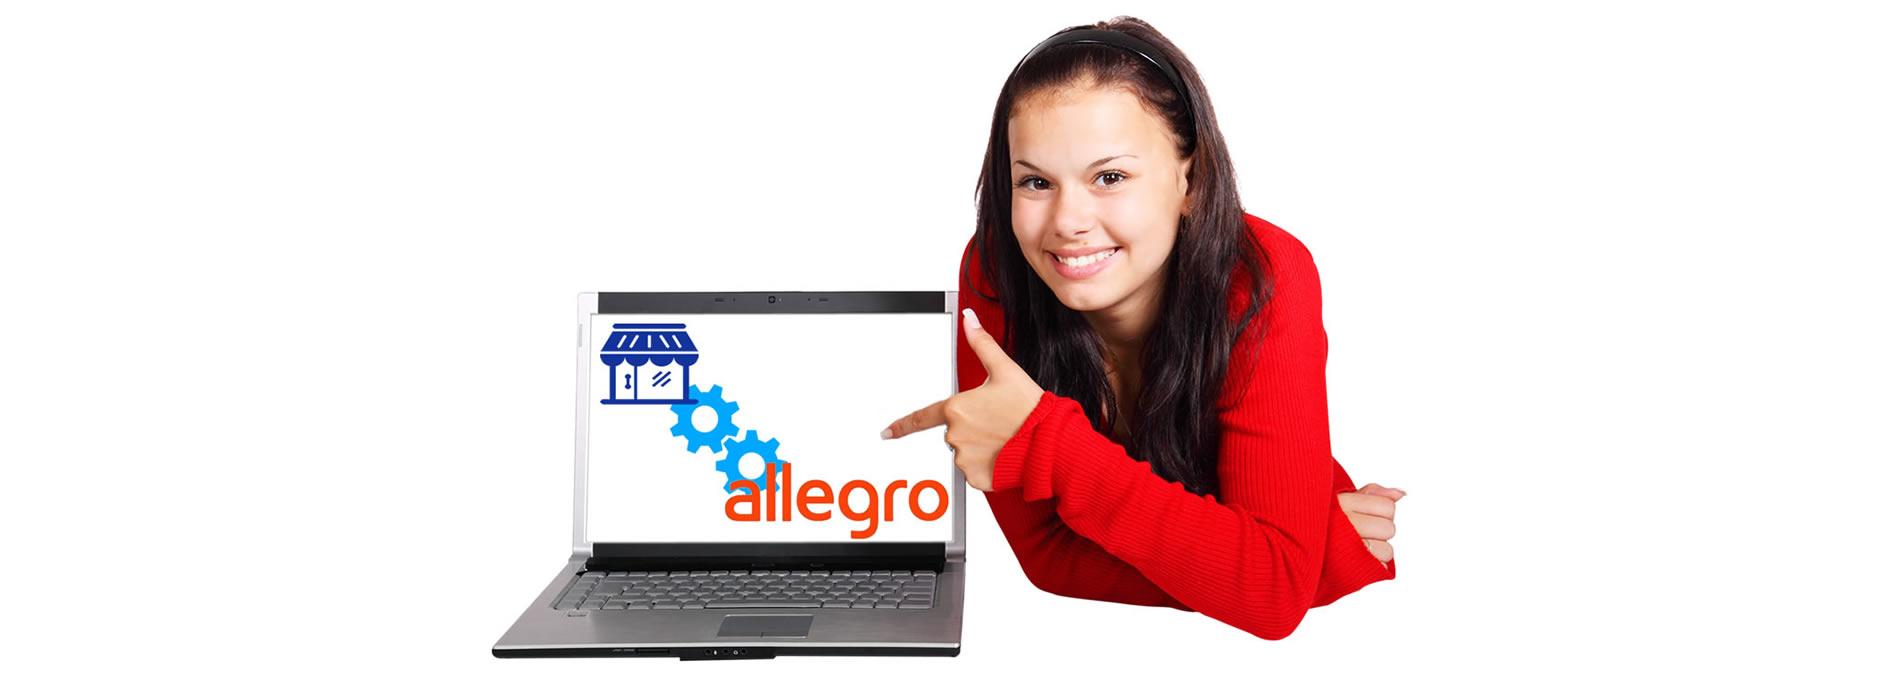 Połącz sklep internetowy z Allegro, sprzedawaj więcej. Integracja e-sklepu z Allegro.pl